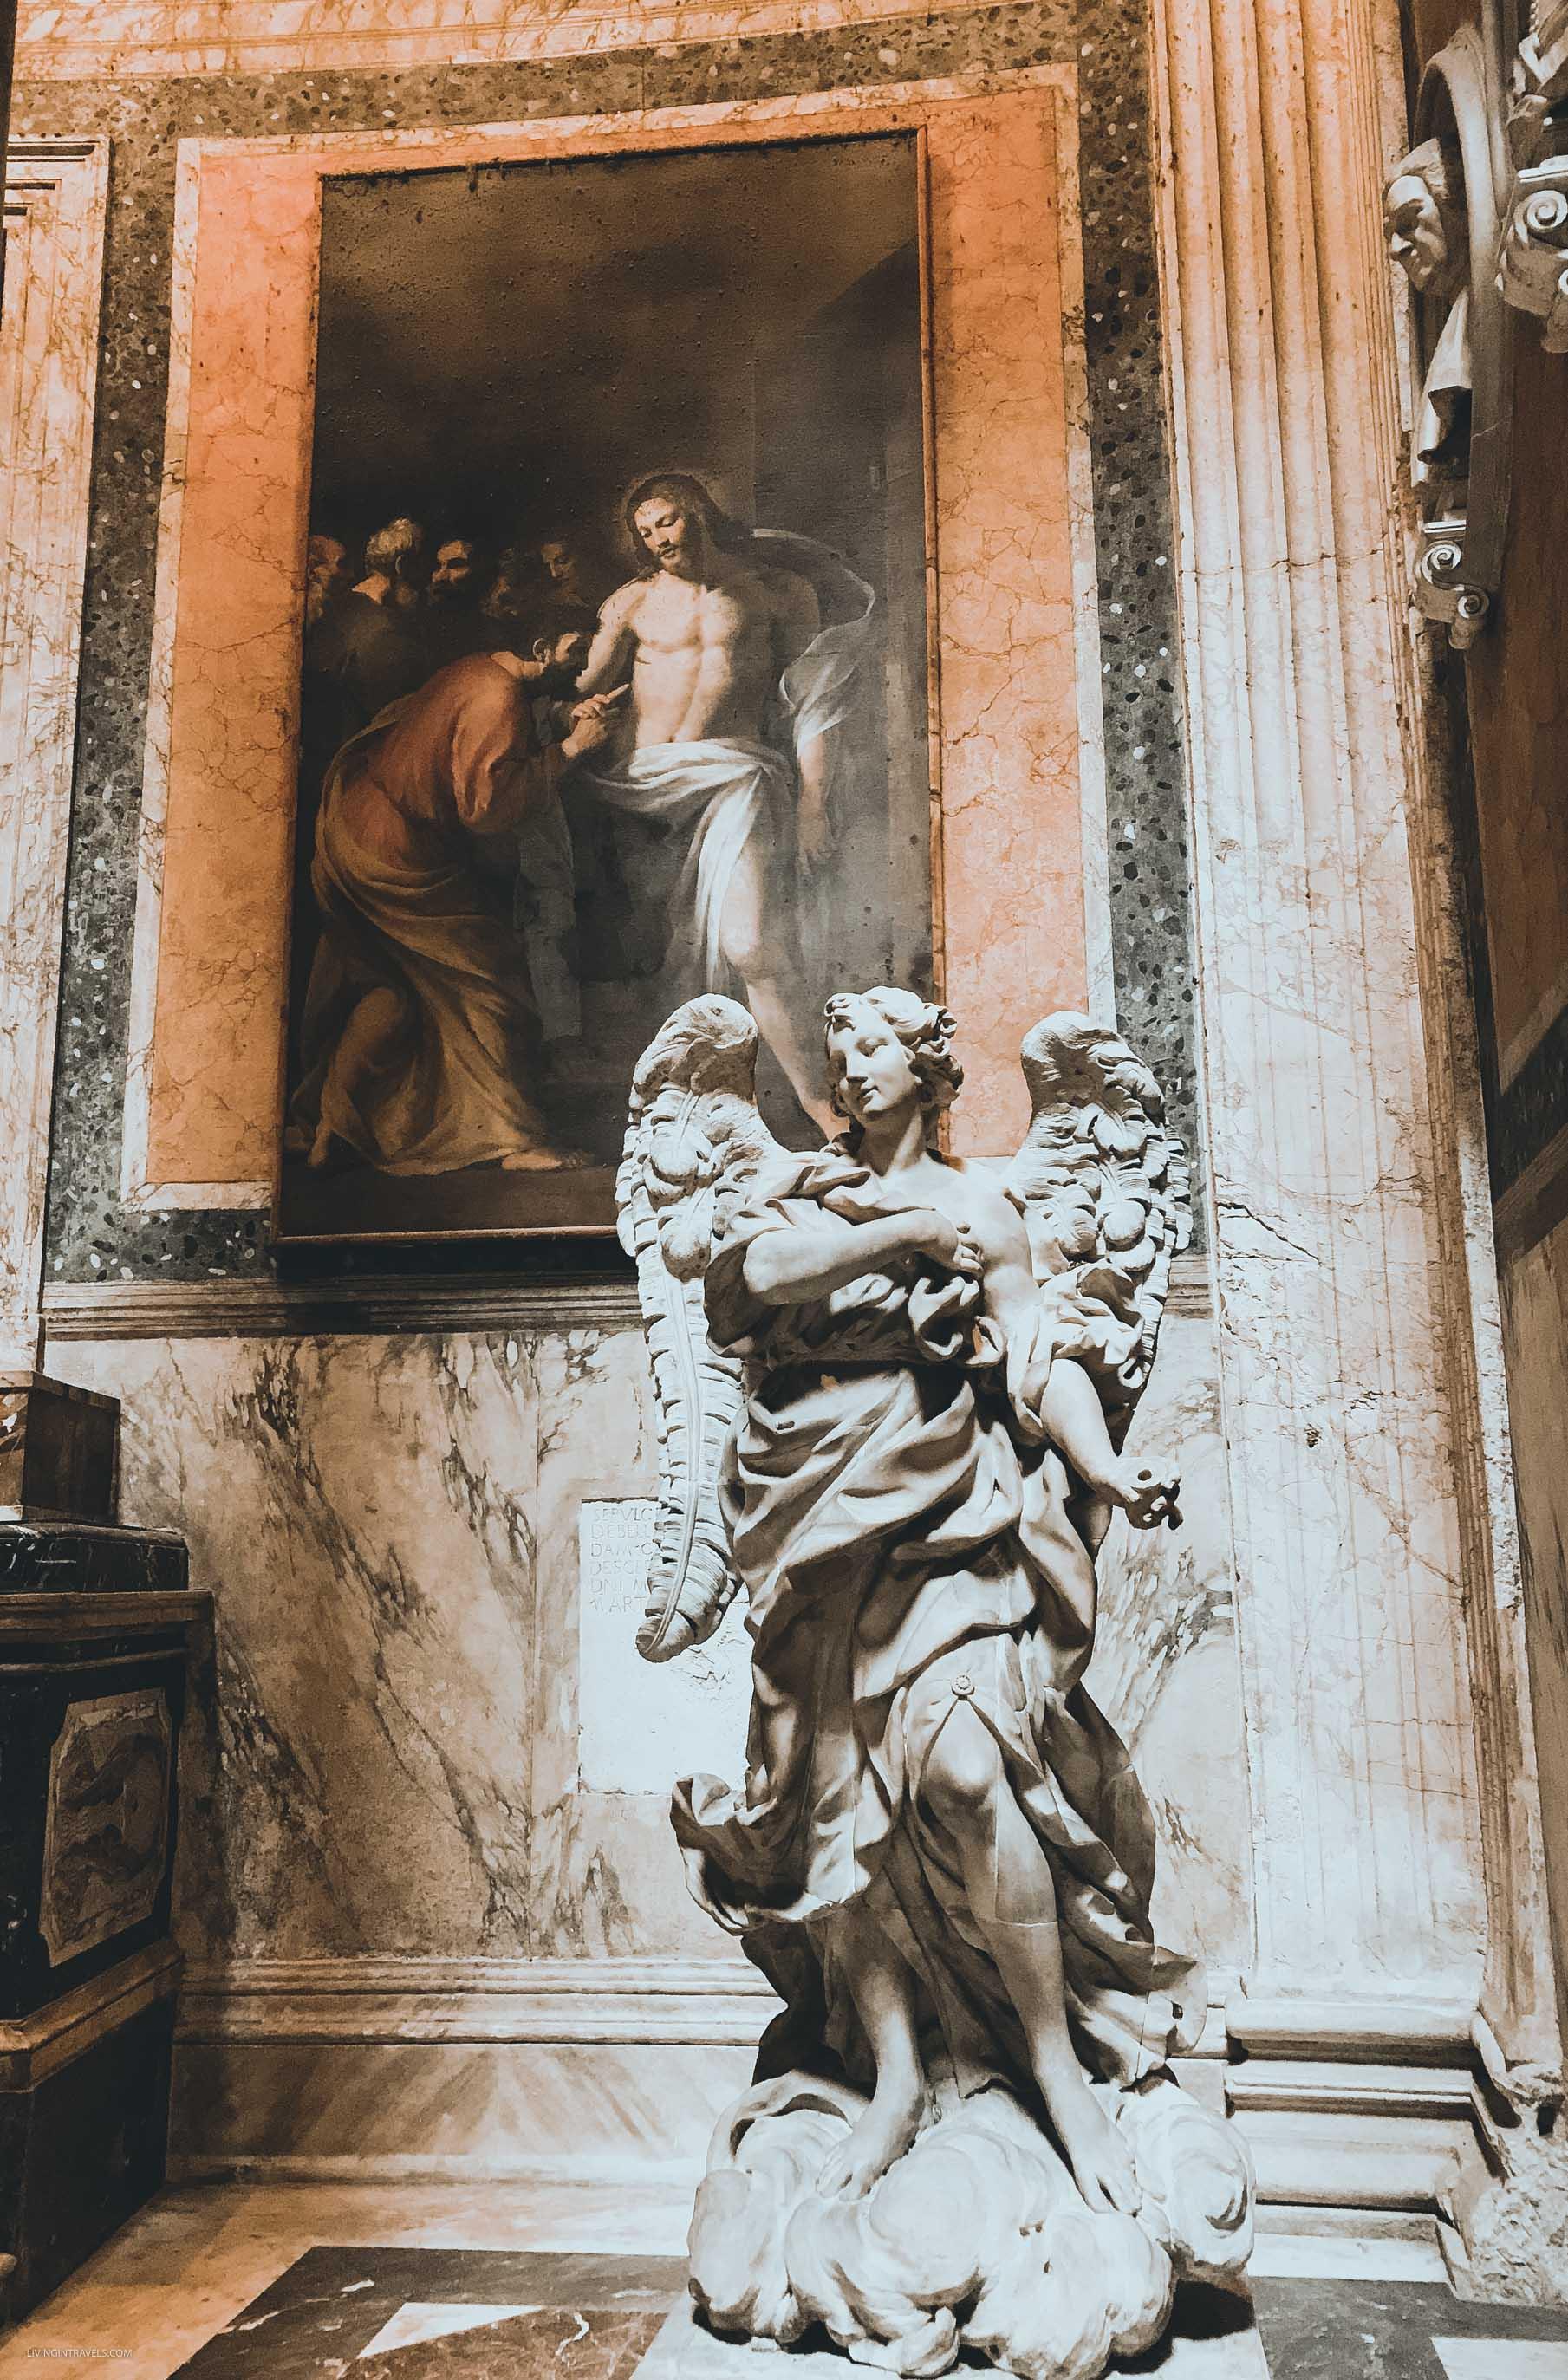 Пантеон. Рим для новичков или как увидеть город бесплатно (почти)